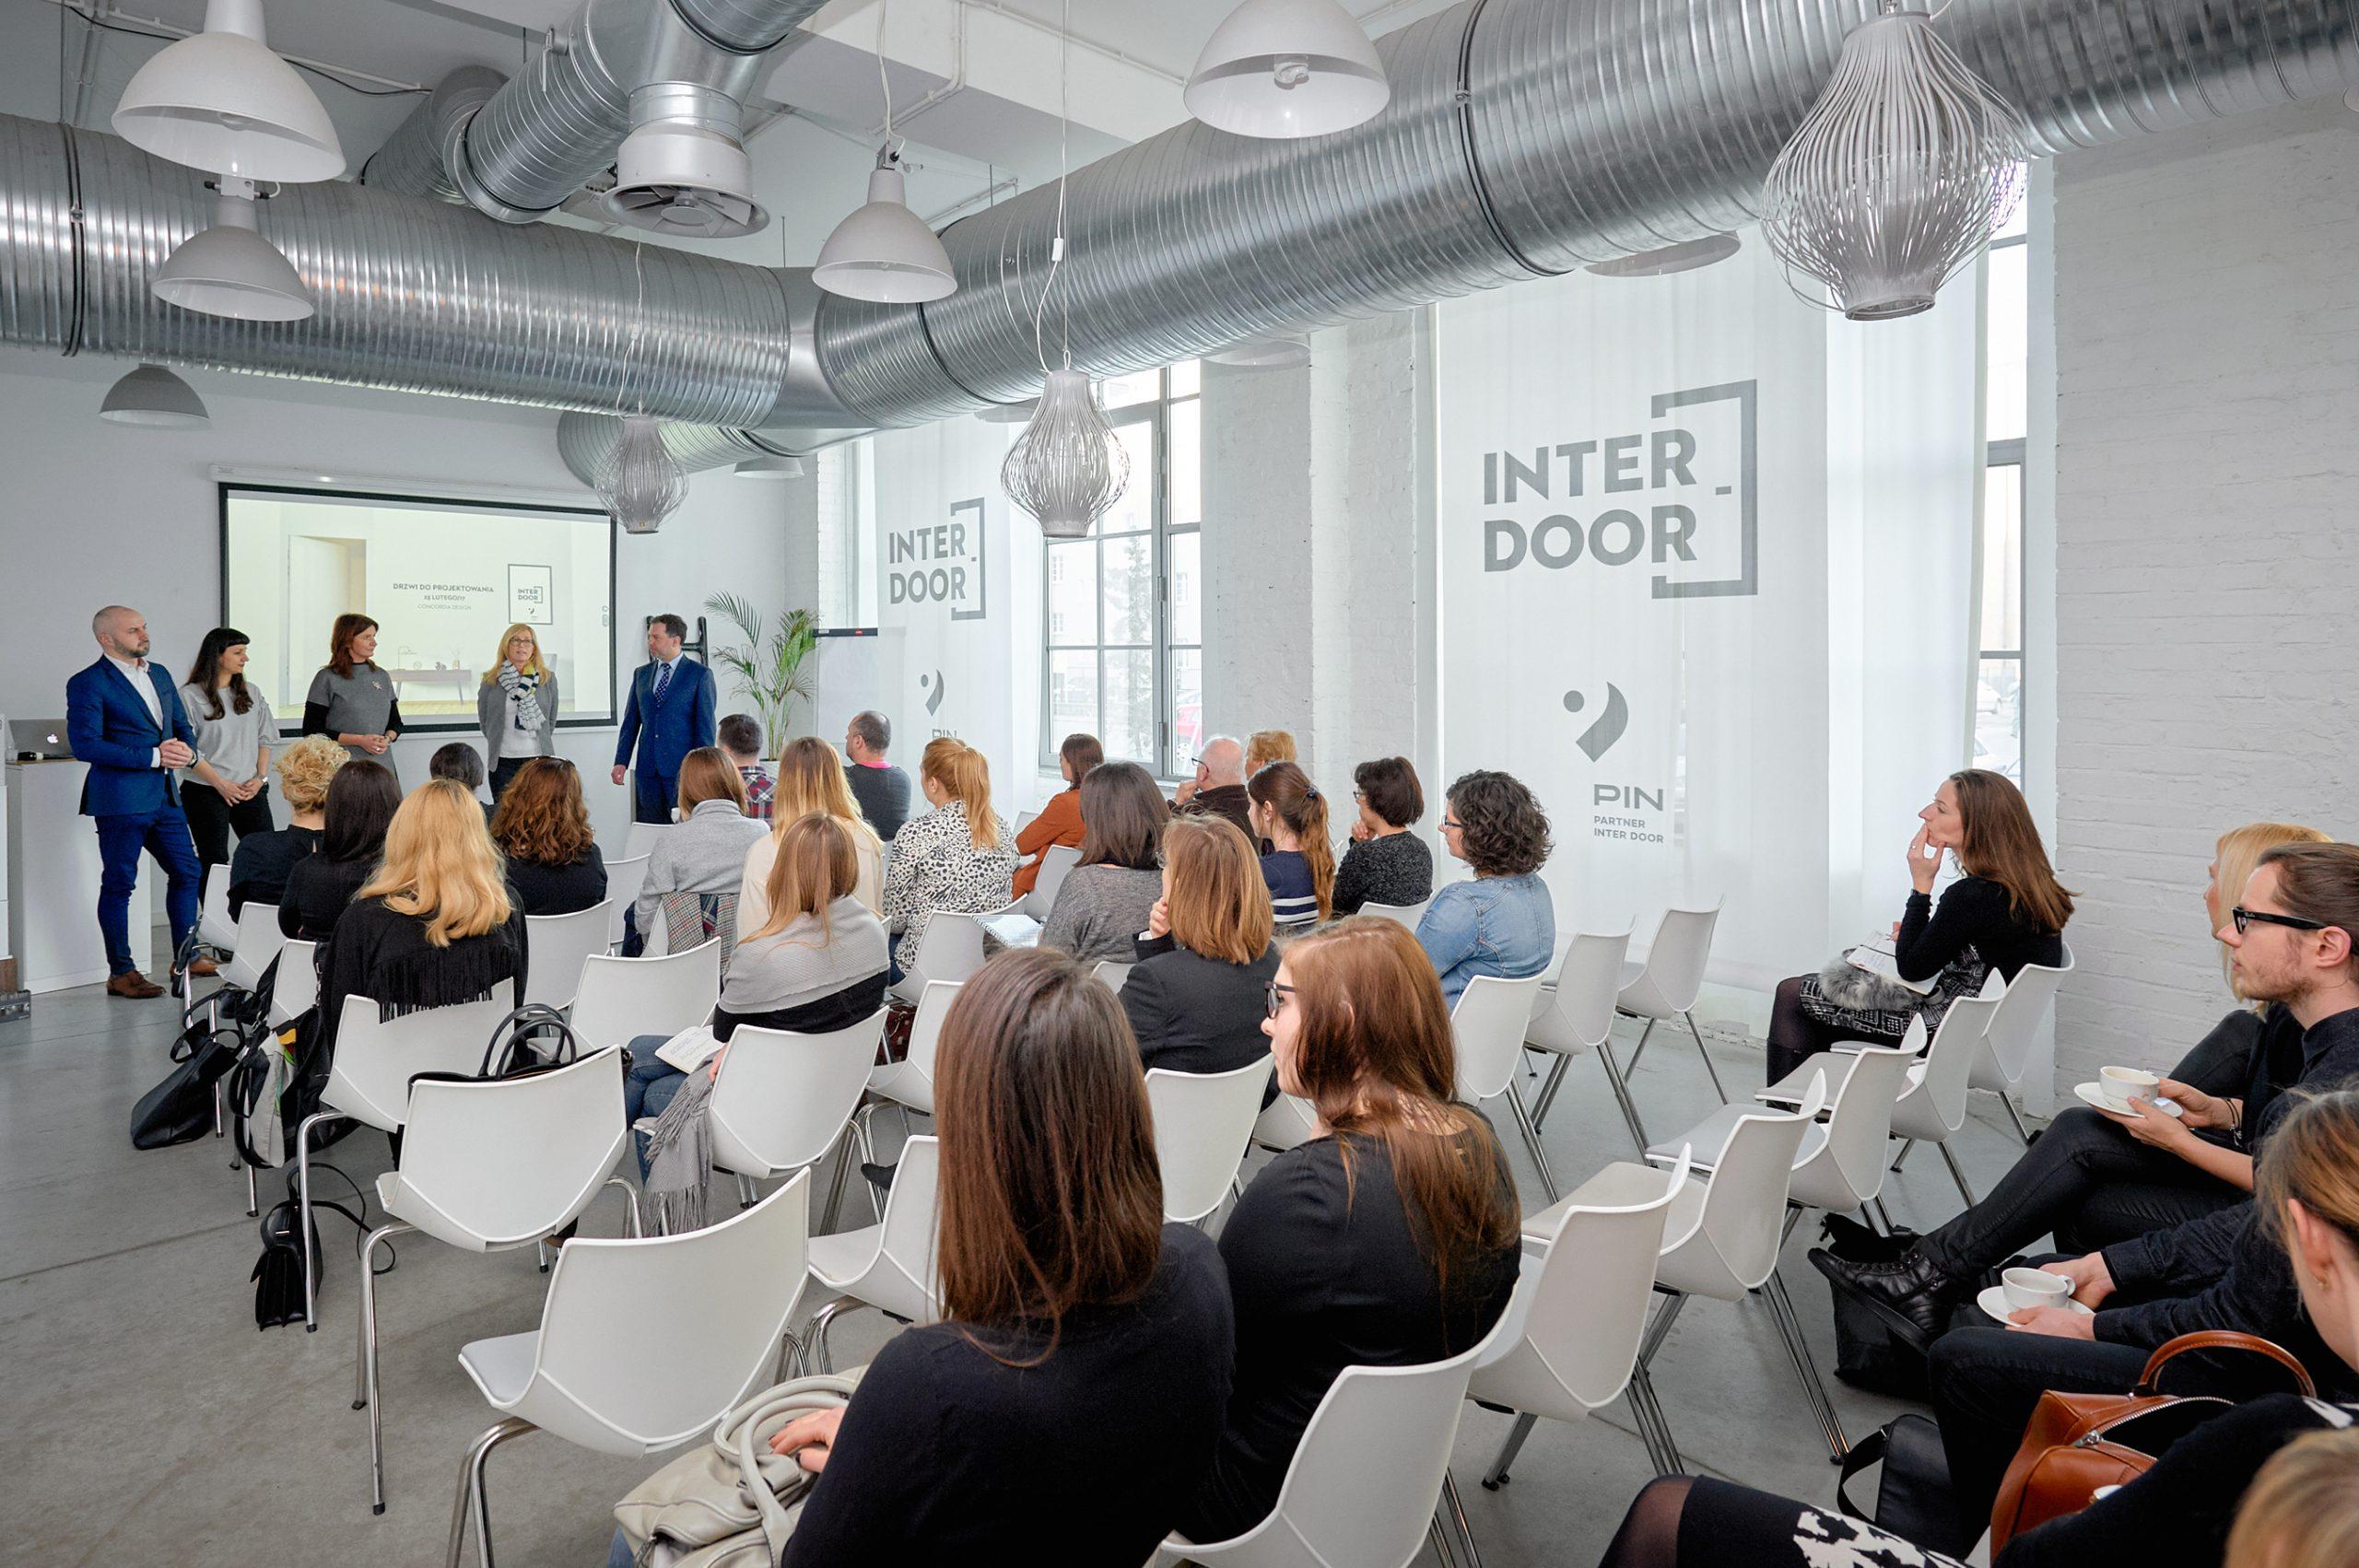 spotkanie-dla-architektow-drzwi-do-projektowania-poznan-8